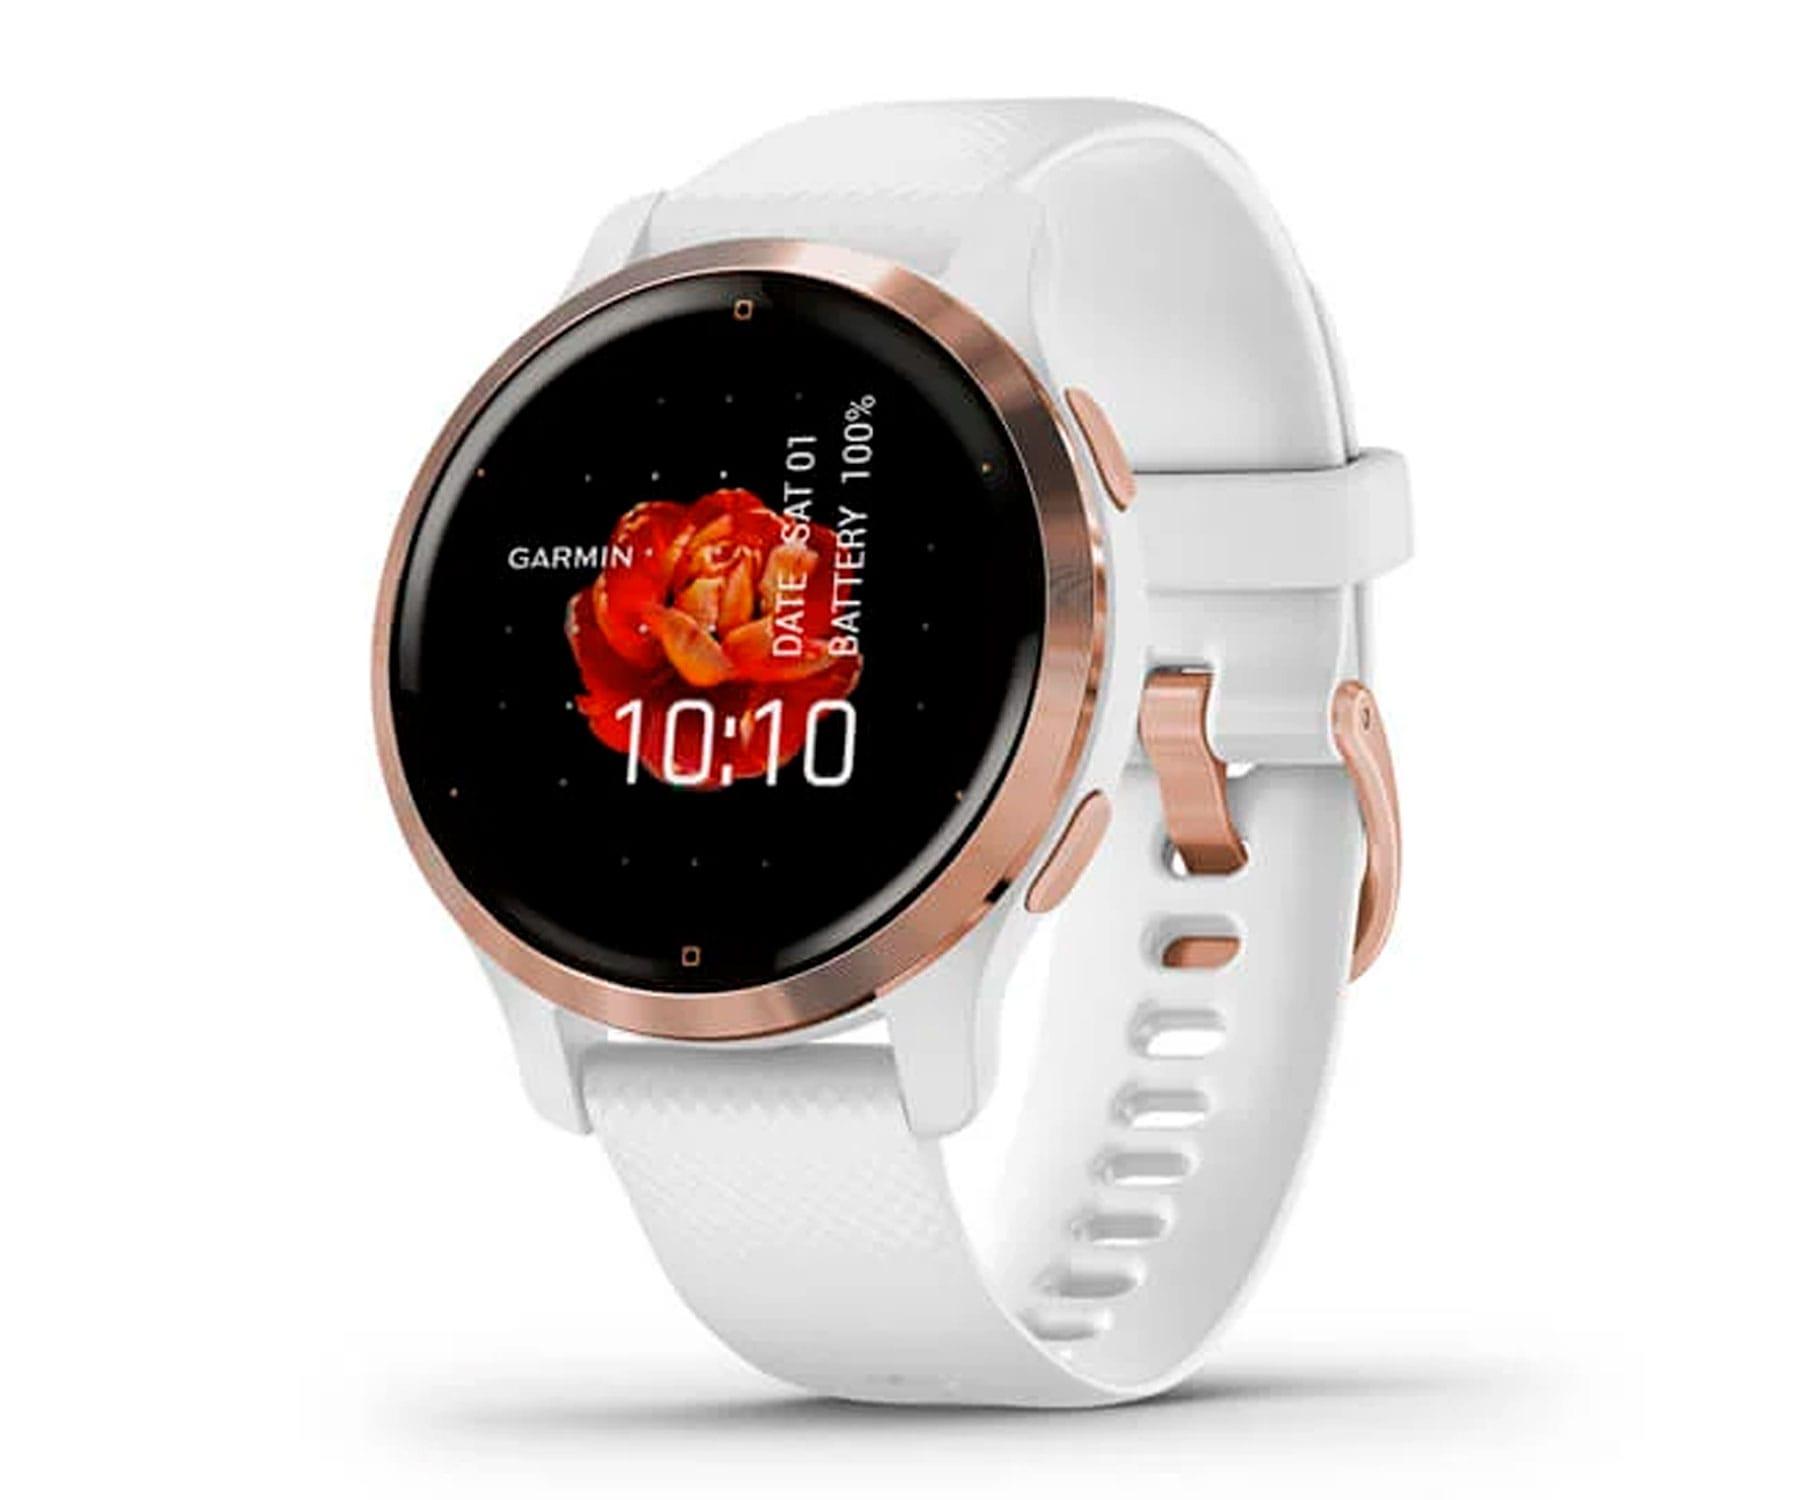 GARMIN VENU 2S ROSA ORO/BLANCO SMARTWATCH MULTIDEPORTE WIFI GPS INTEGRADO FRECUENCIA ACTIVIDAD SUEÑO 40MM